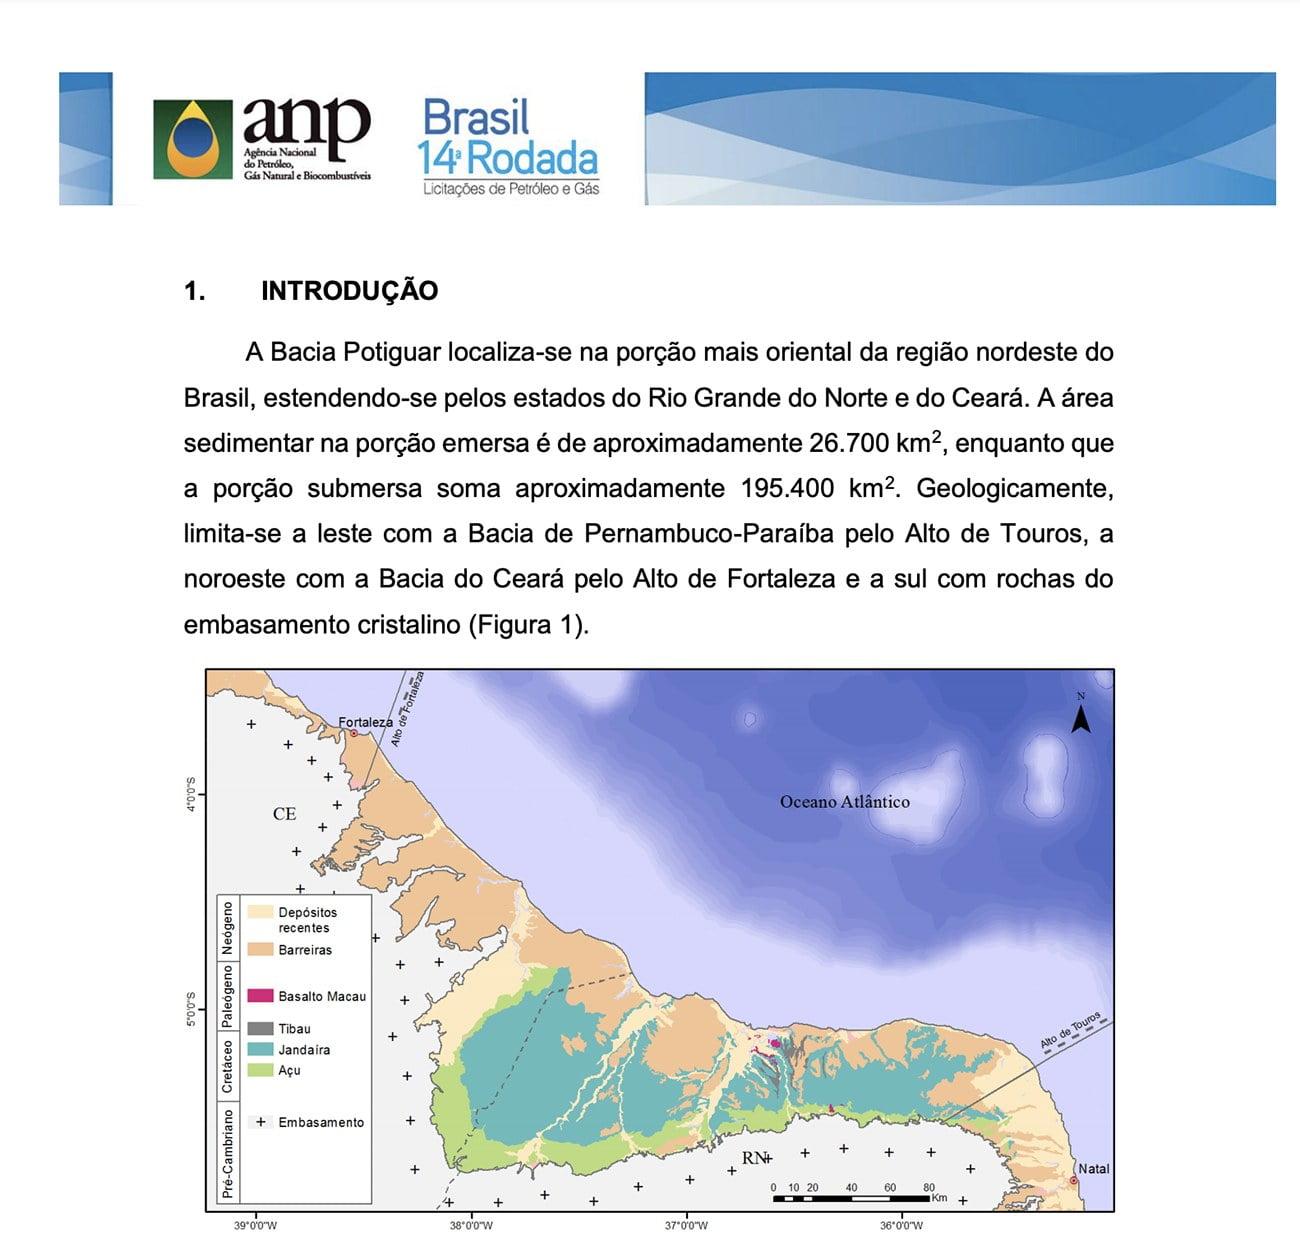 infográfico mostra Bacia Potiguar onde haverá extração de petróleo no mar